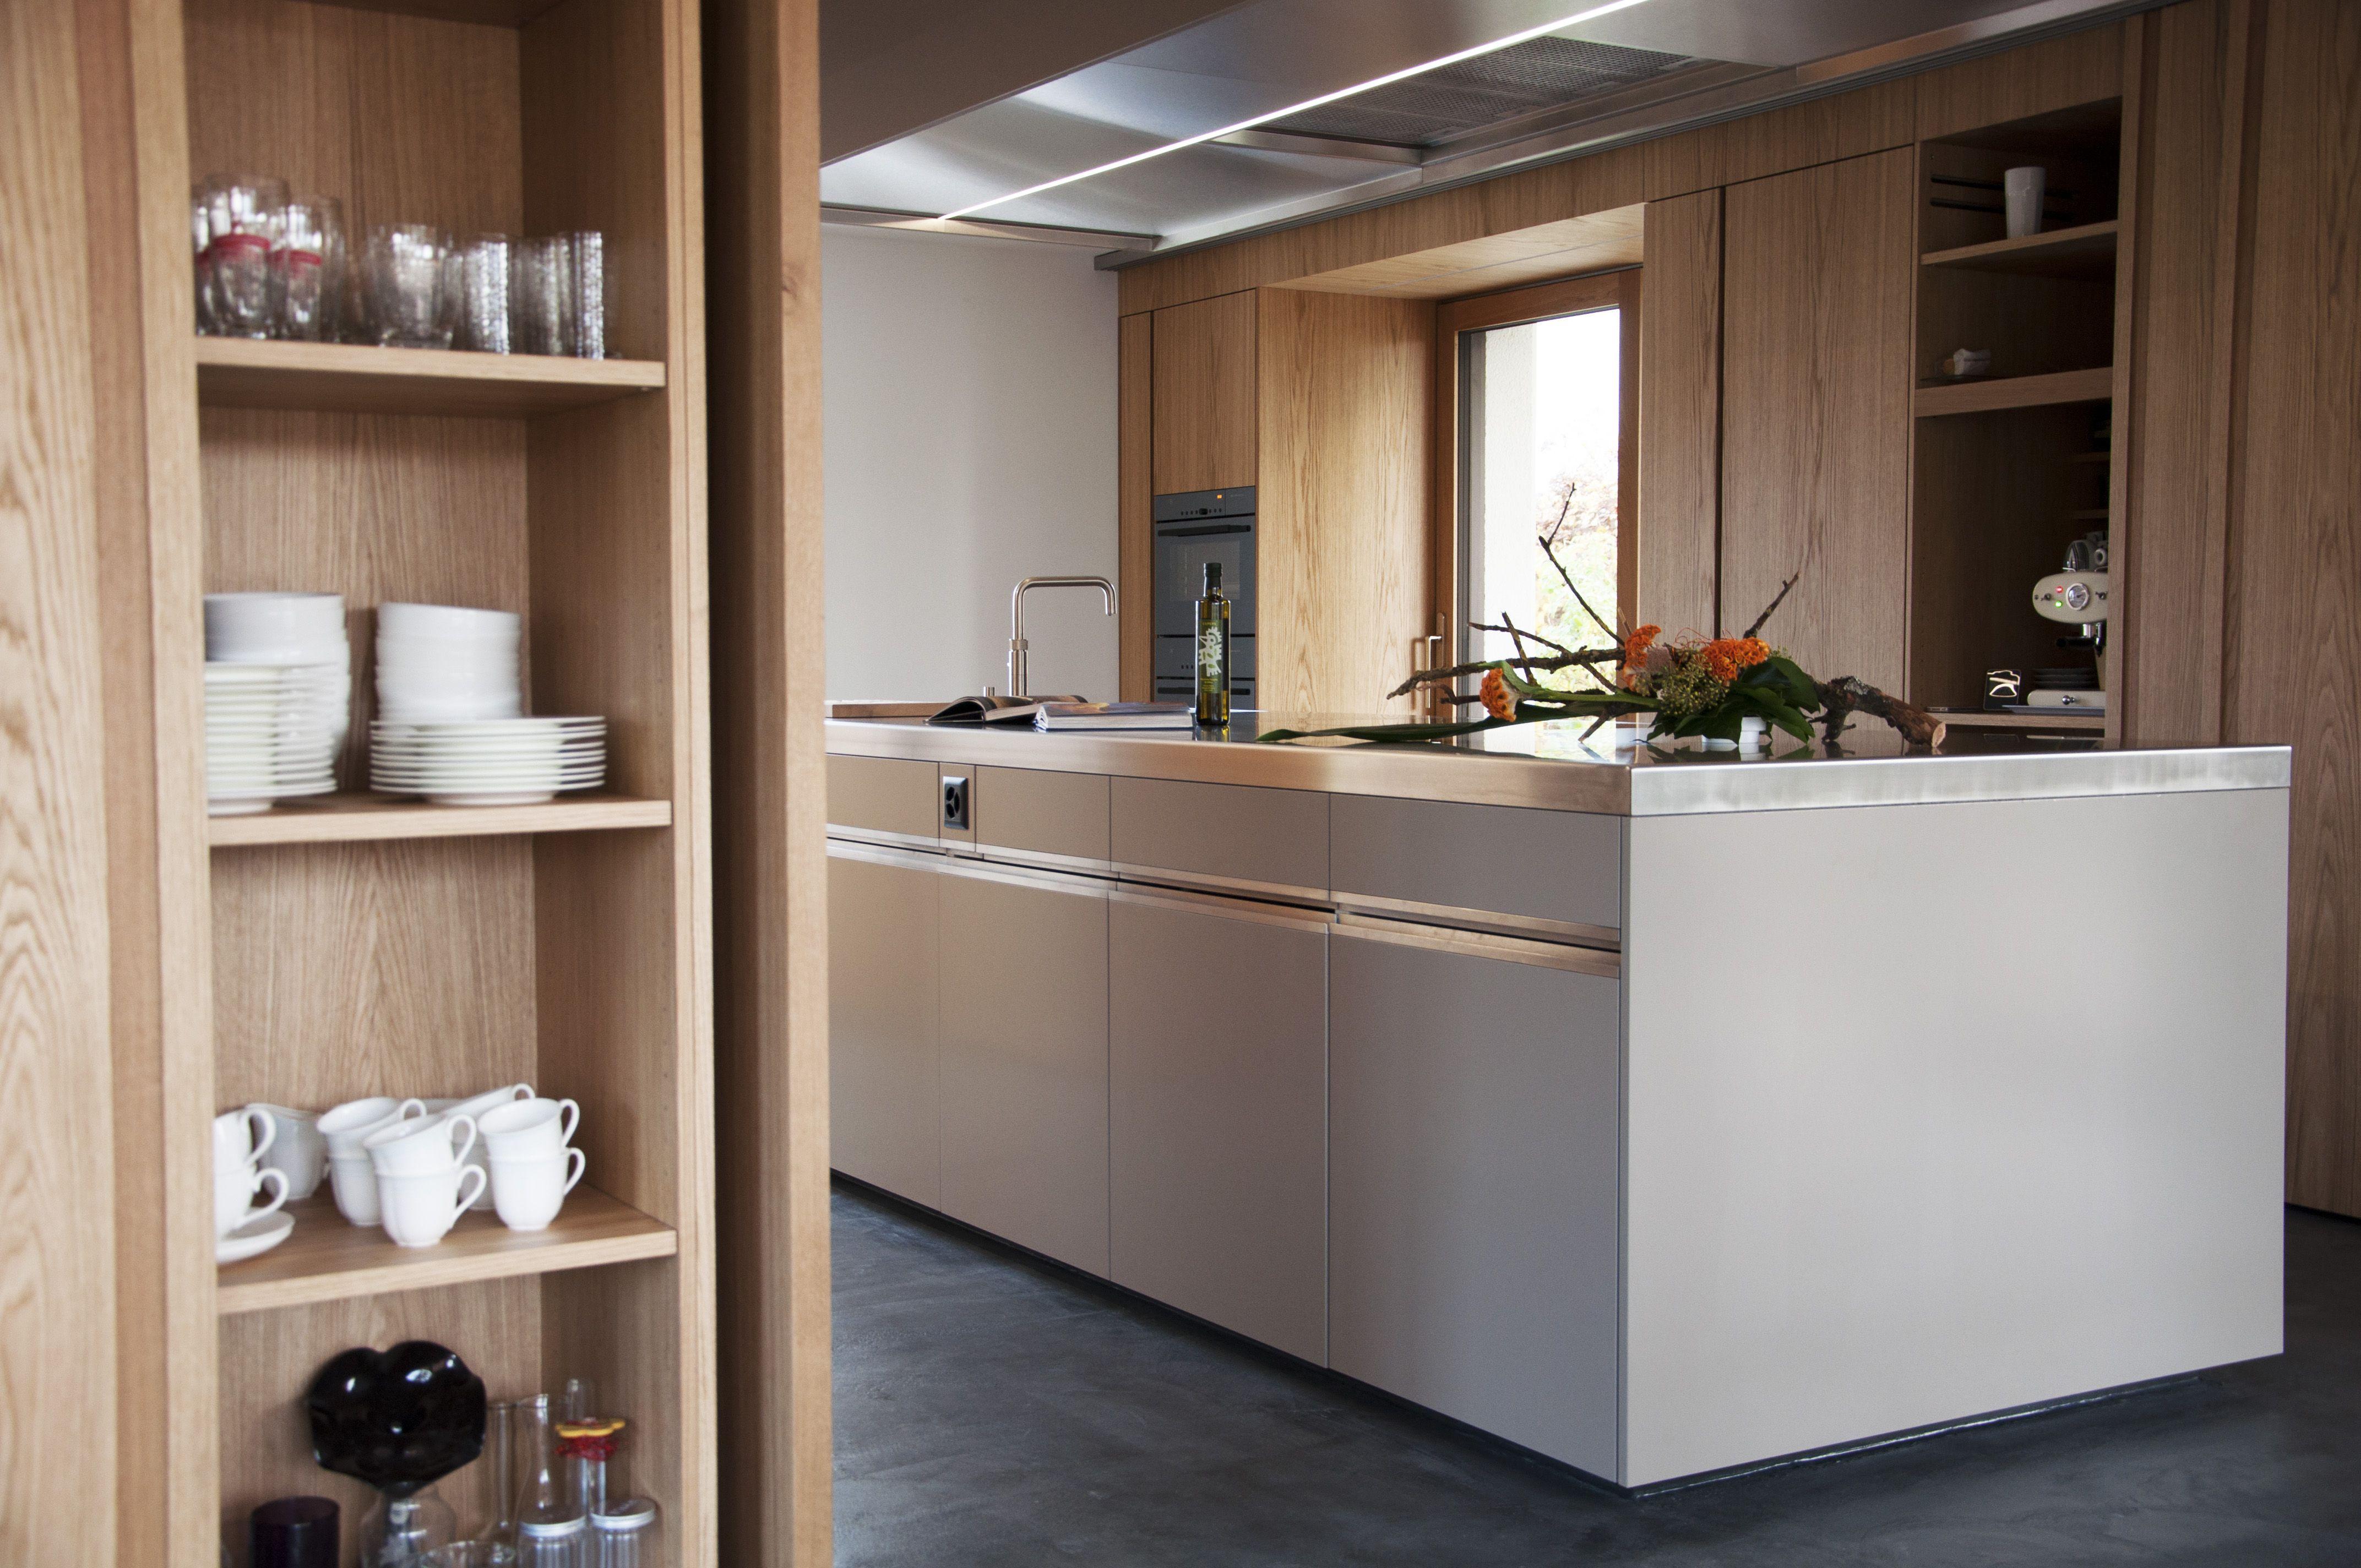 Tolle Maßgeschneiderte Küchenschränke Sydney Galerie - Ideen Für Die ...